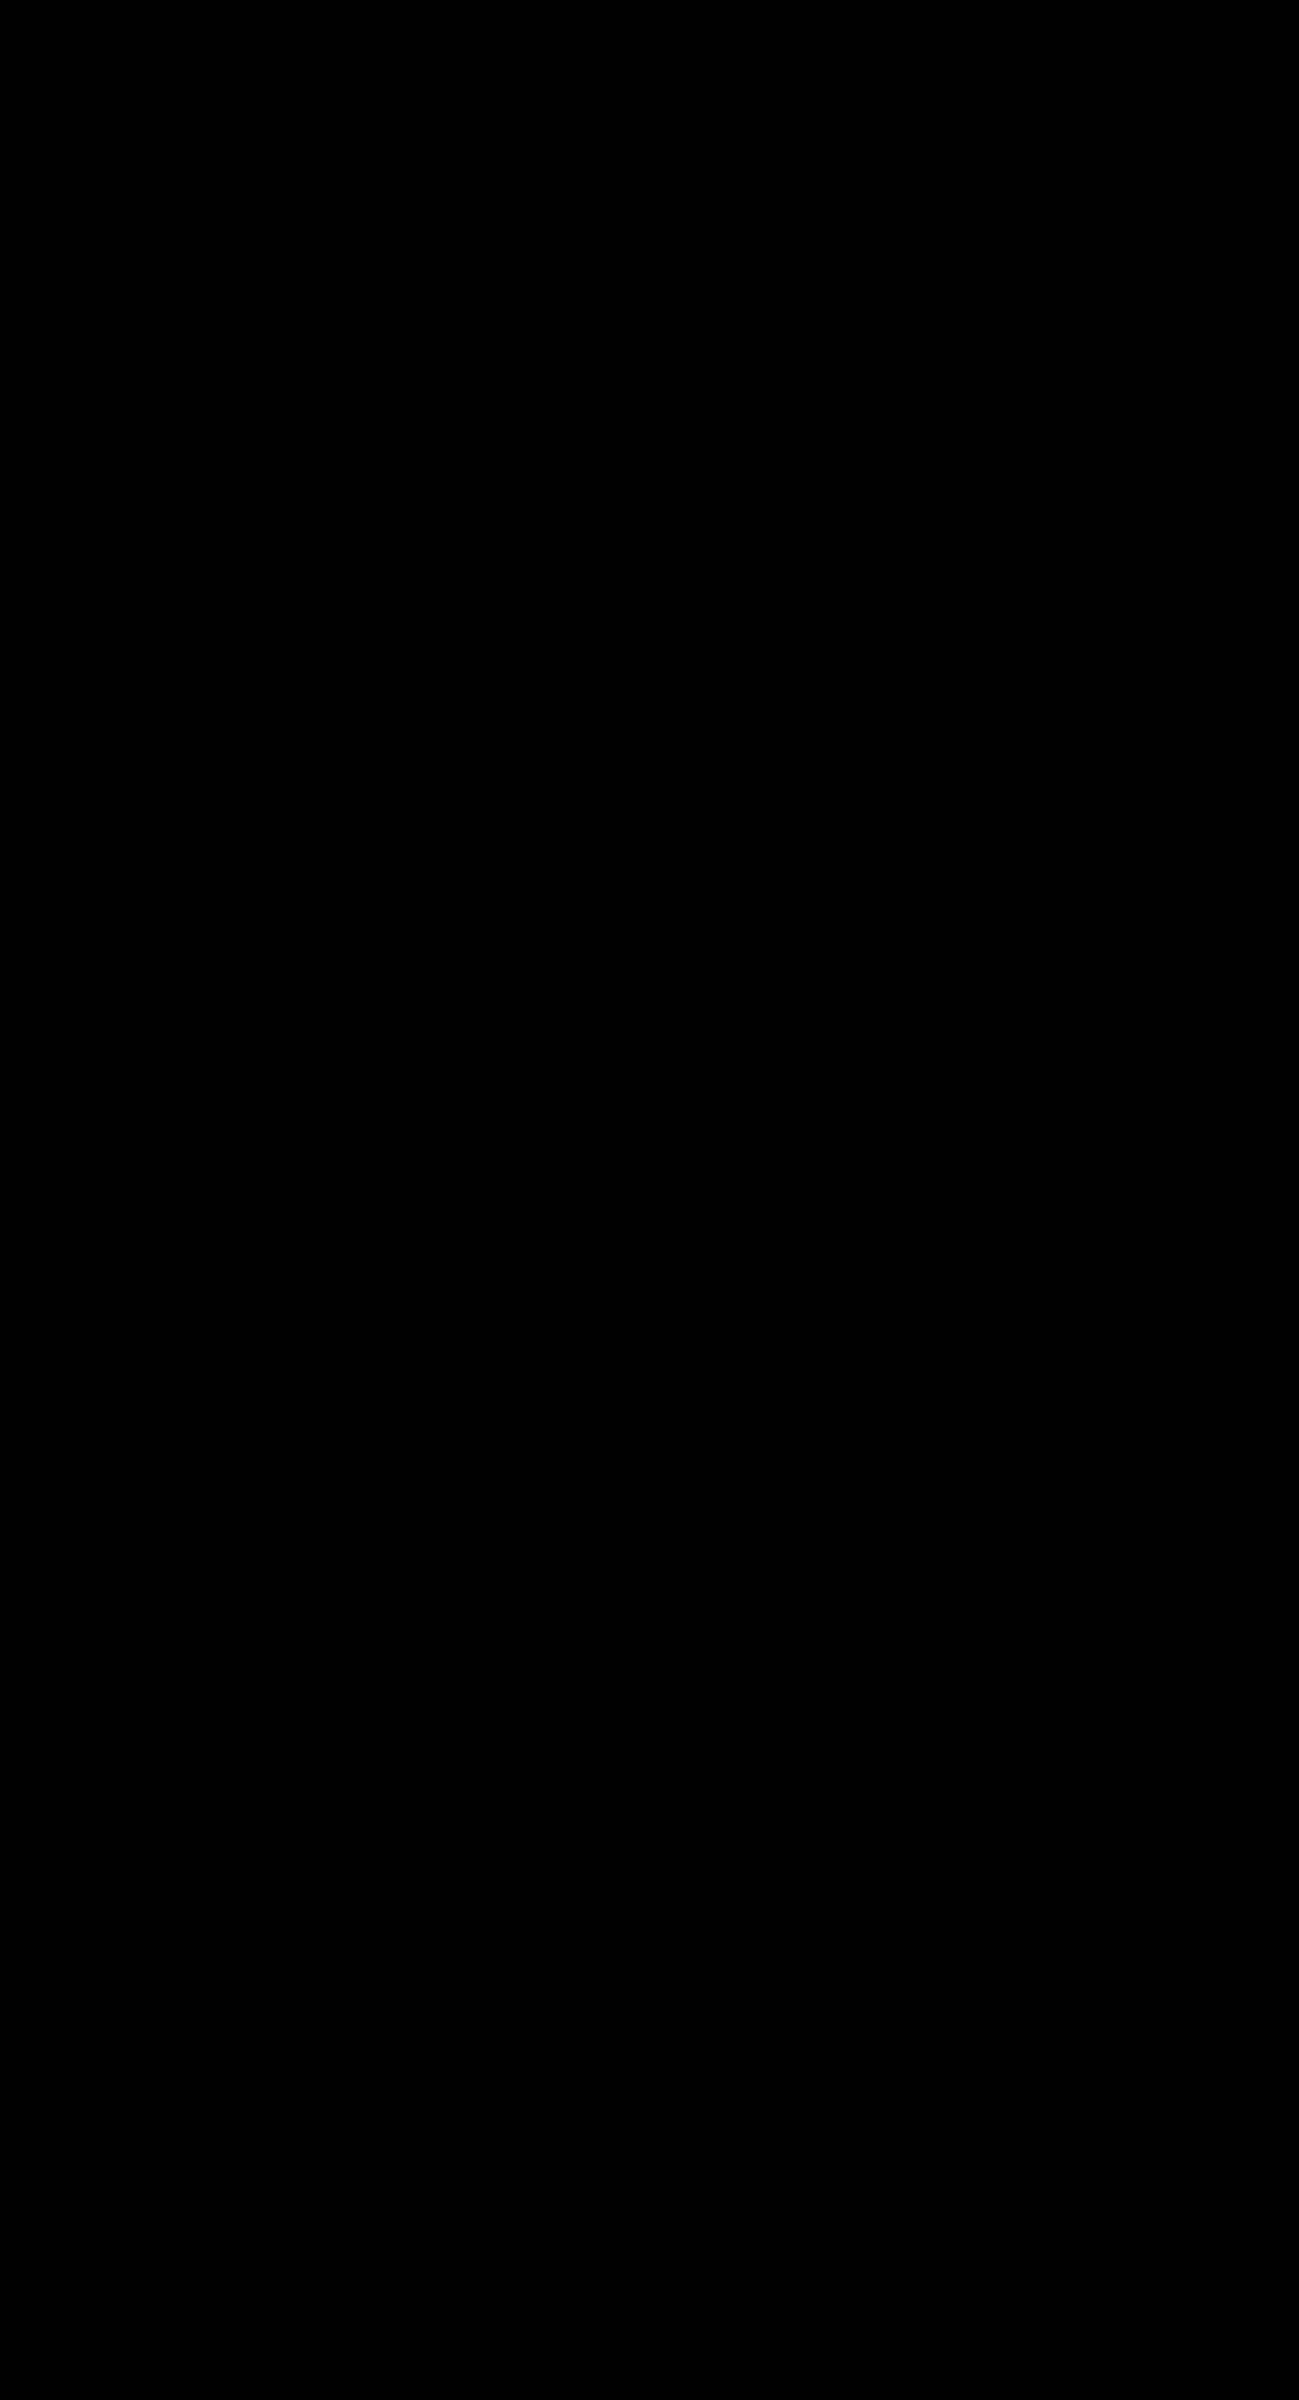 Clipart - IEC Battery Symbol